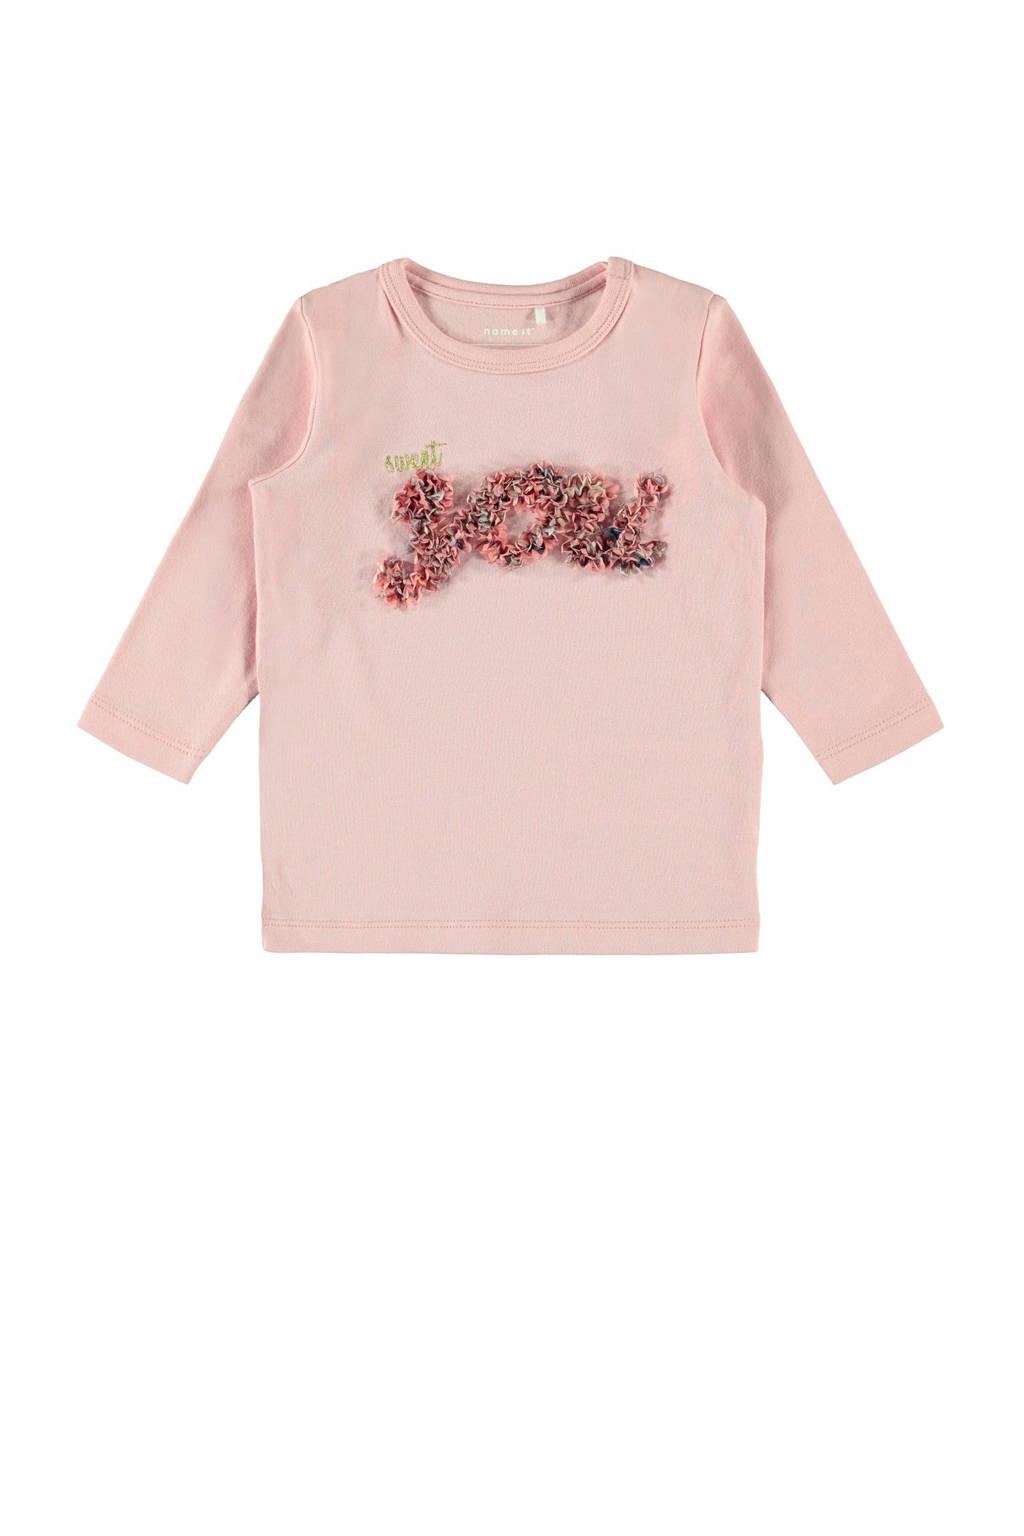 NAME IT BABY baby longsleeve Flavia met biologisch katoen roze, Roze